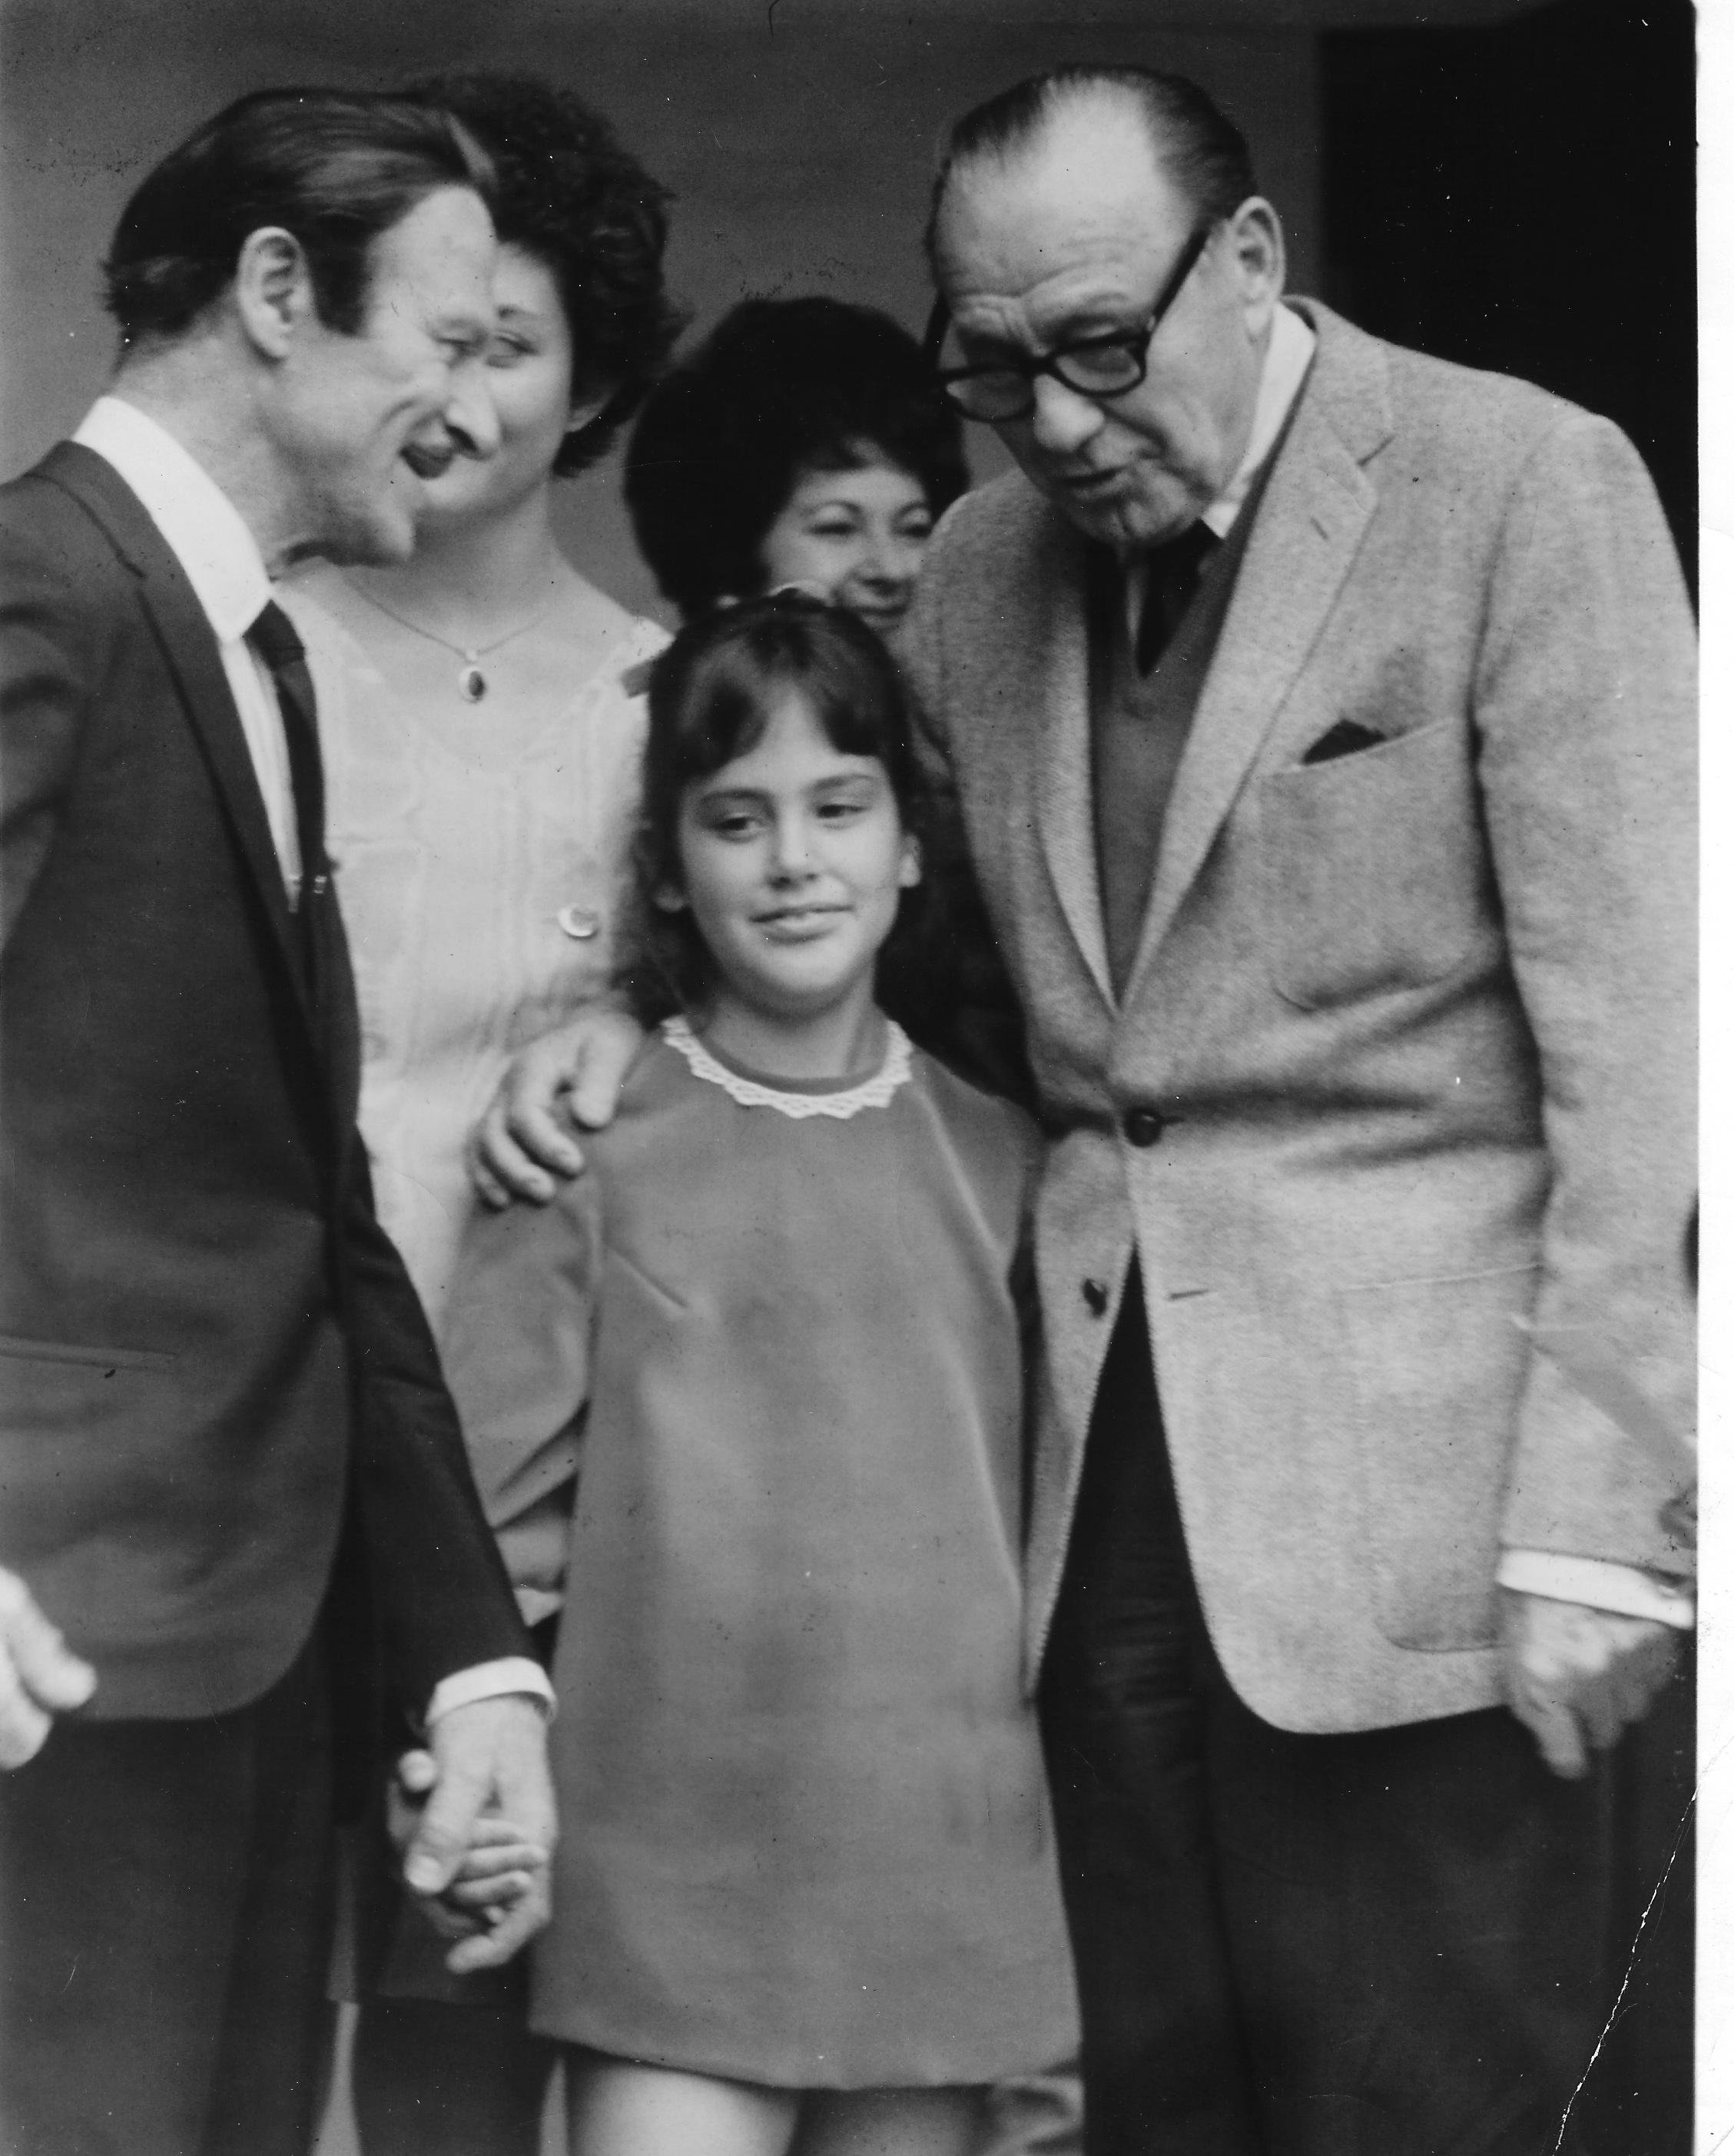 Jack Benny and Manuel Compinsky